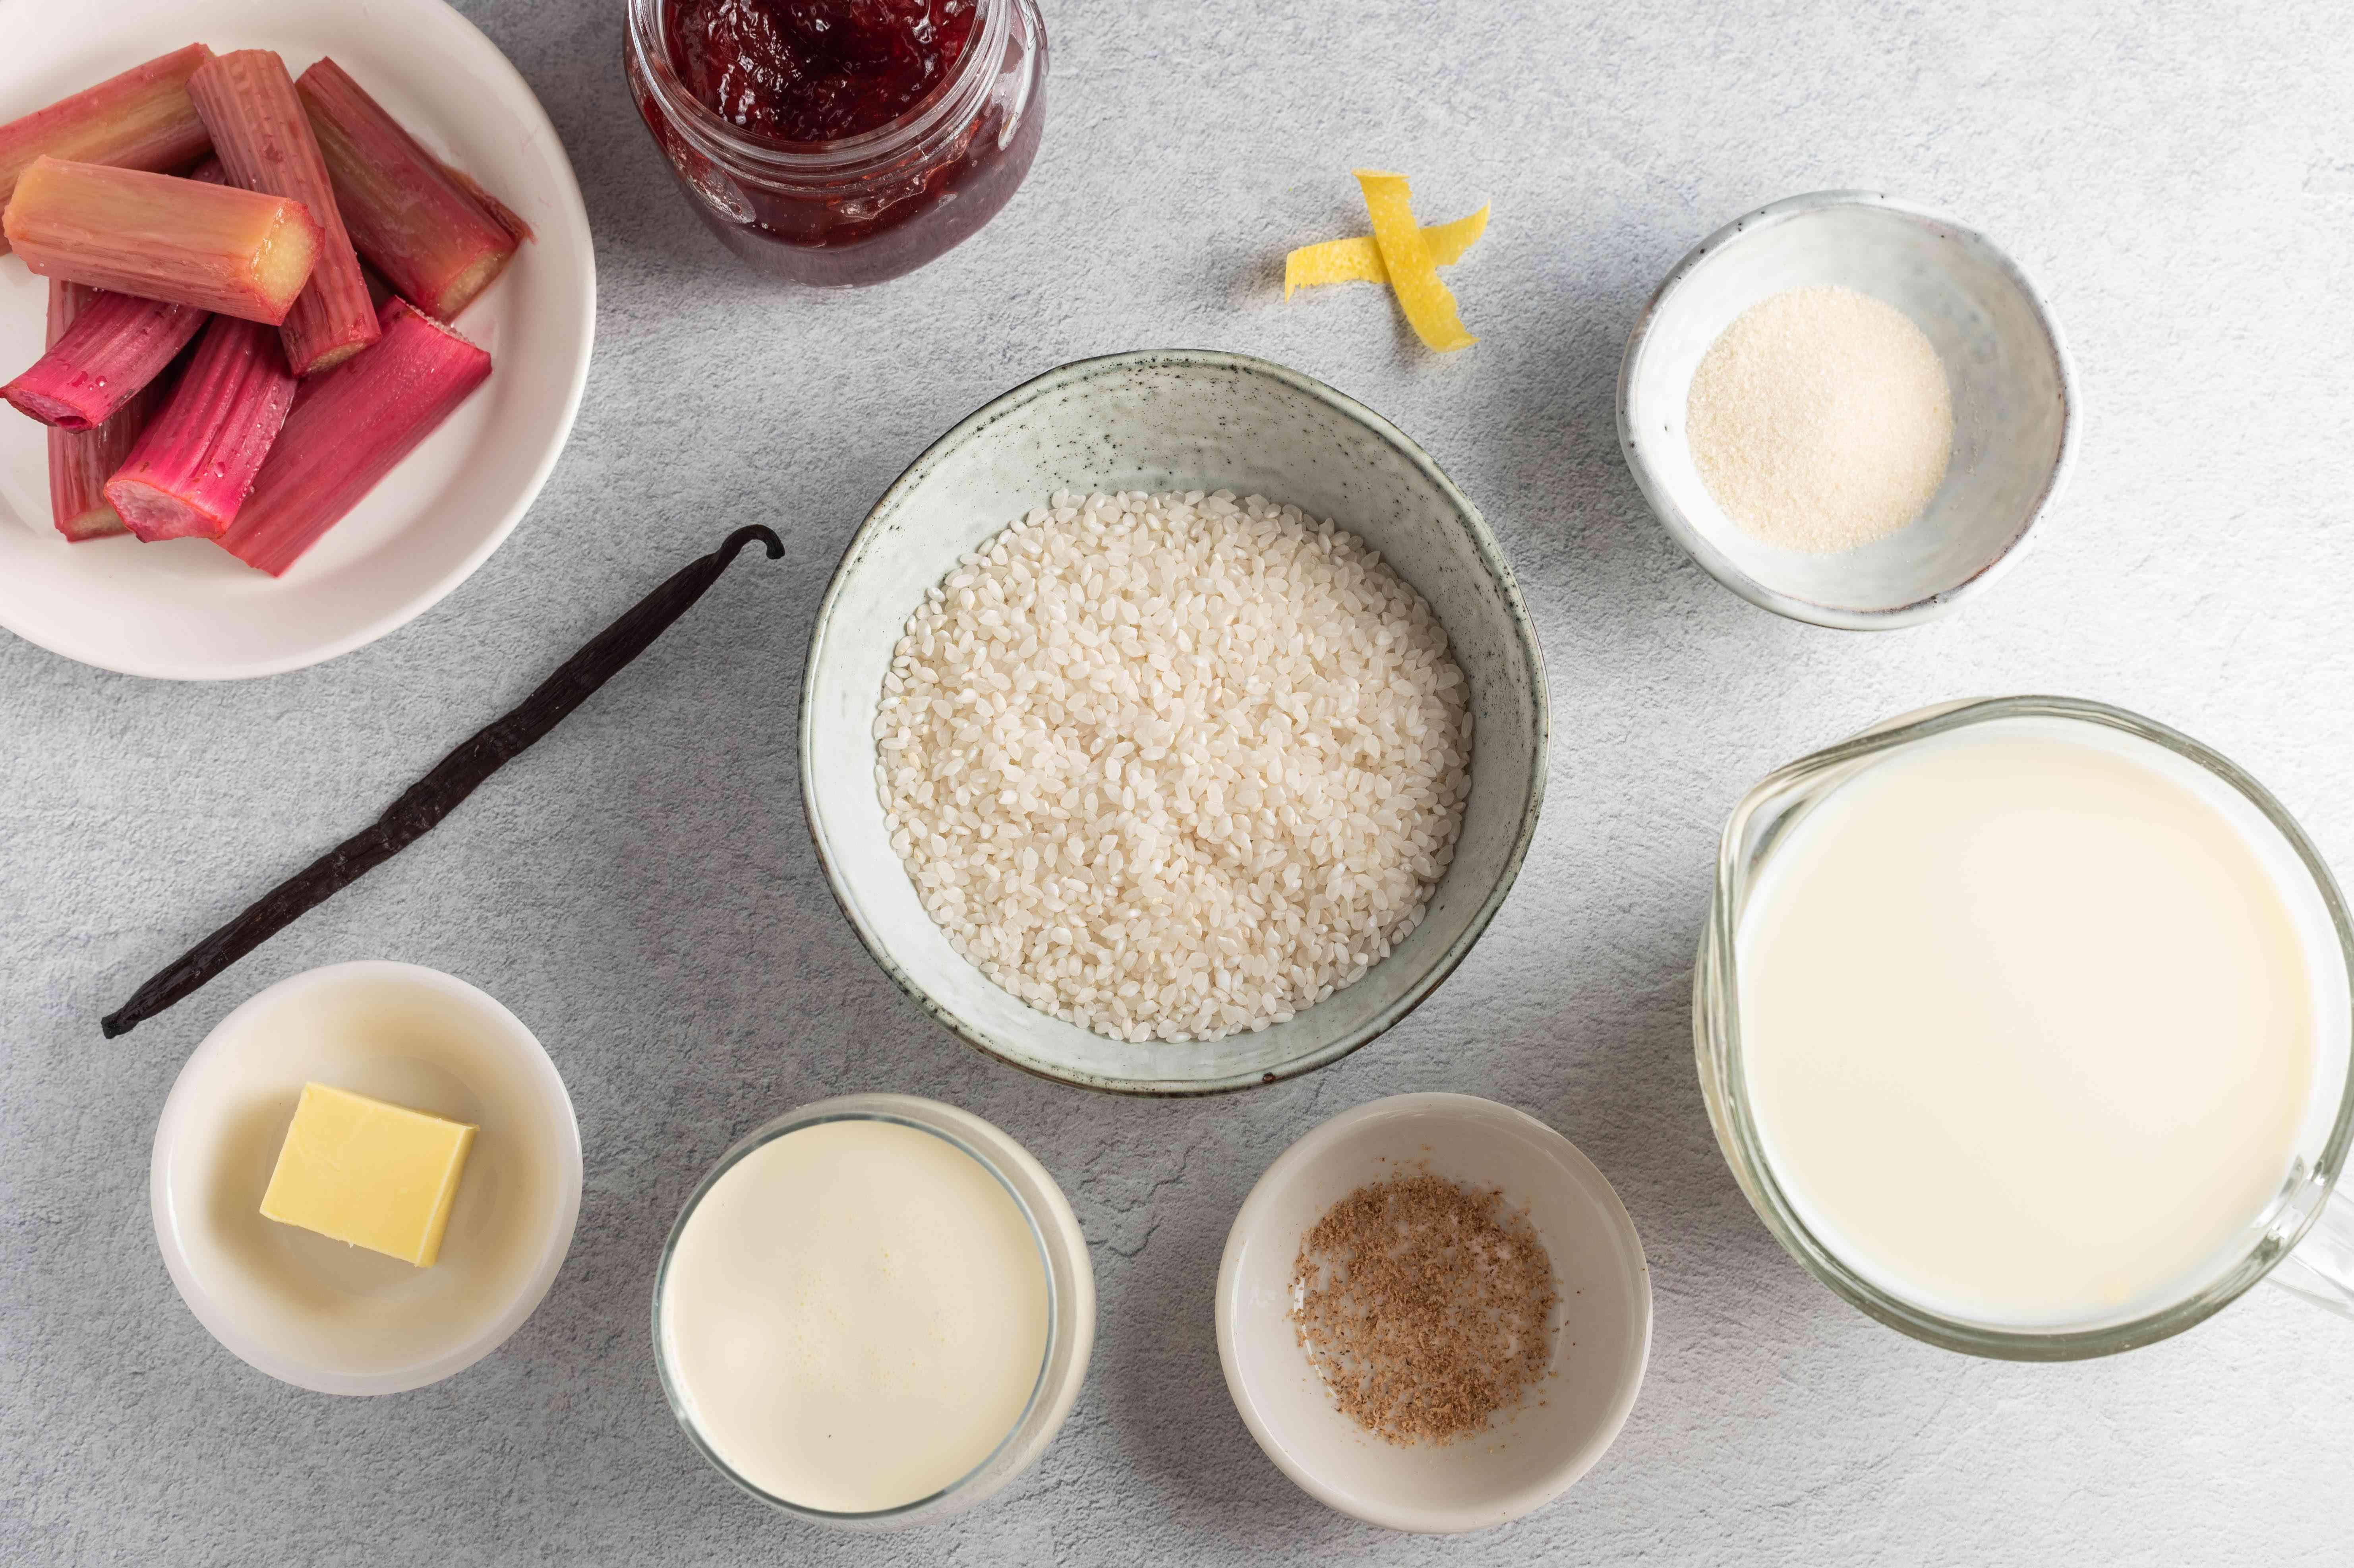 Ingredients for making British rice pudding